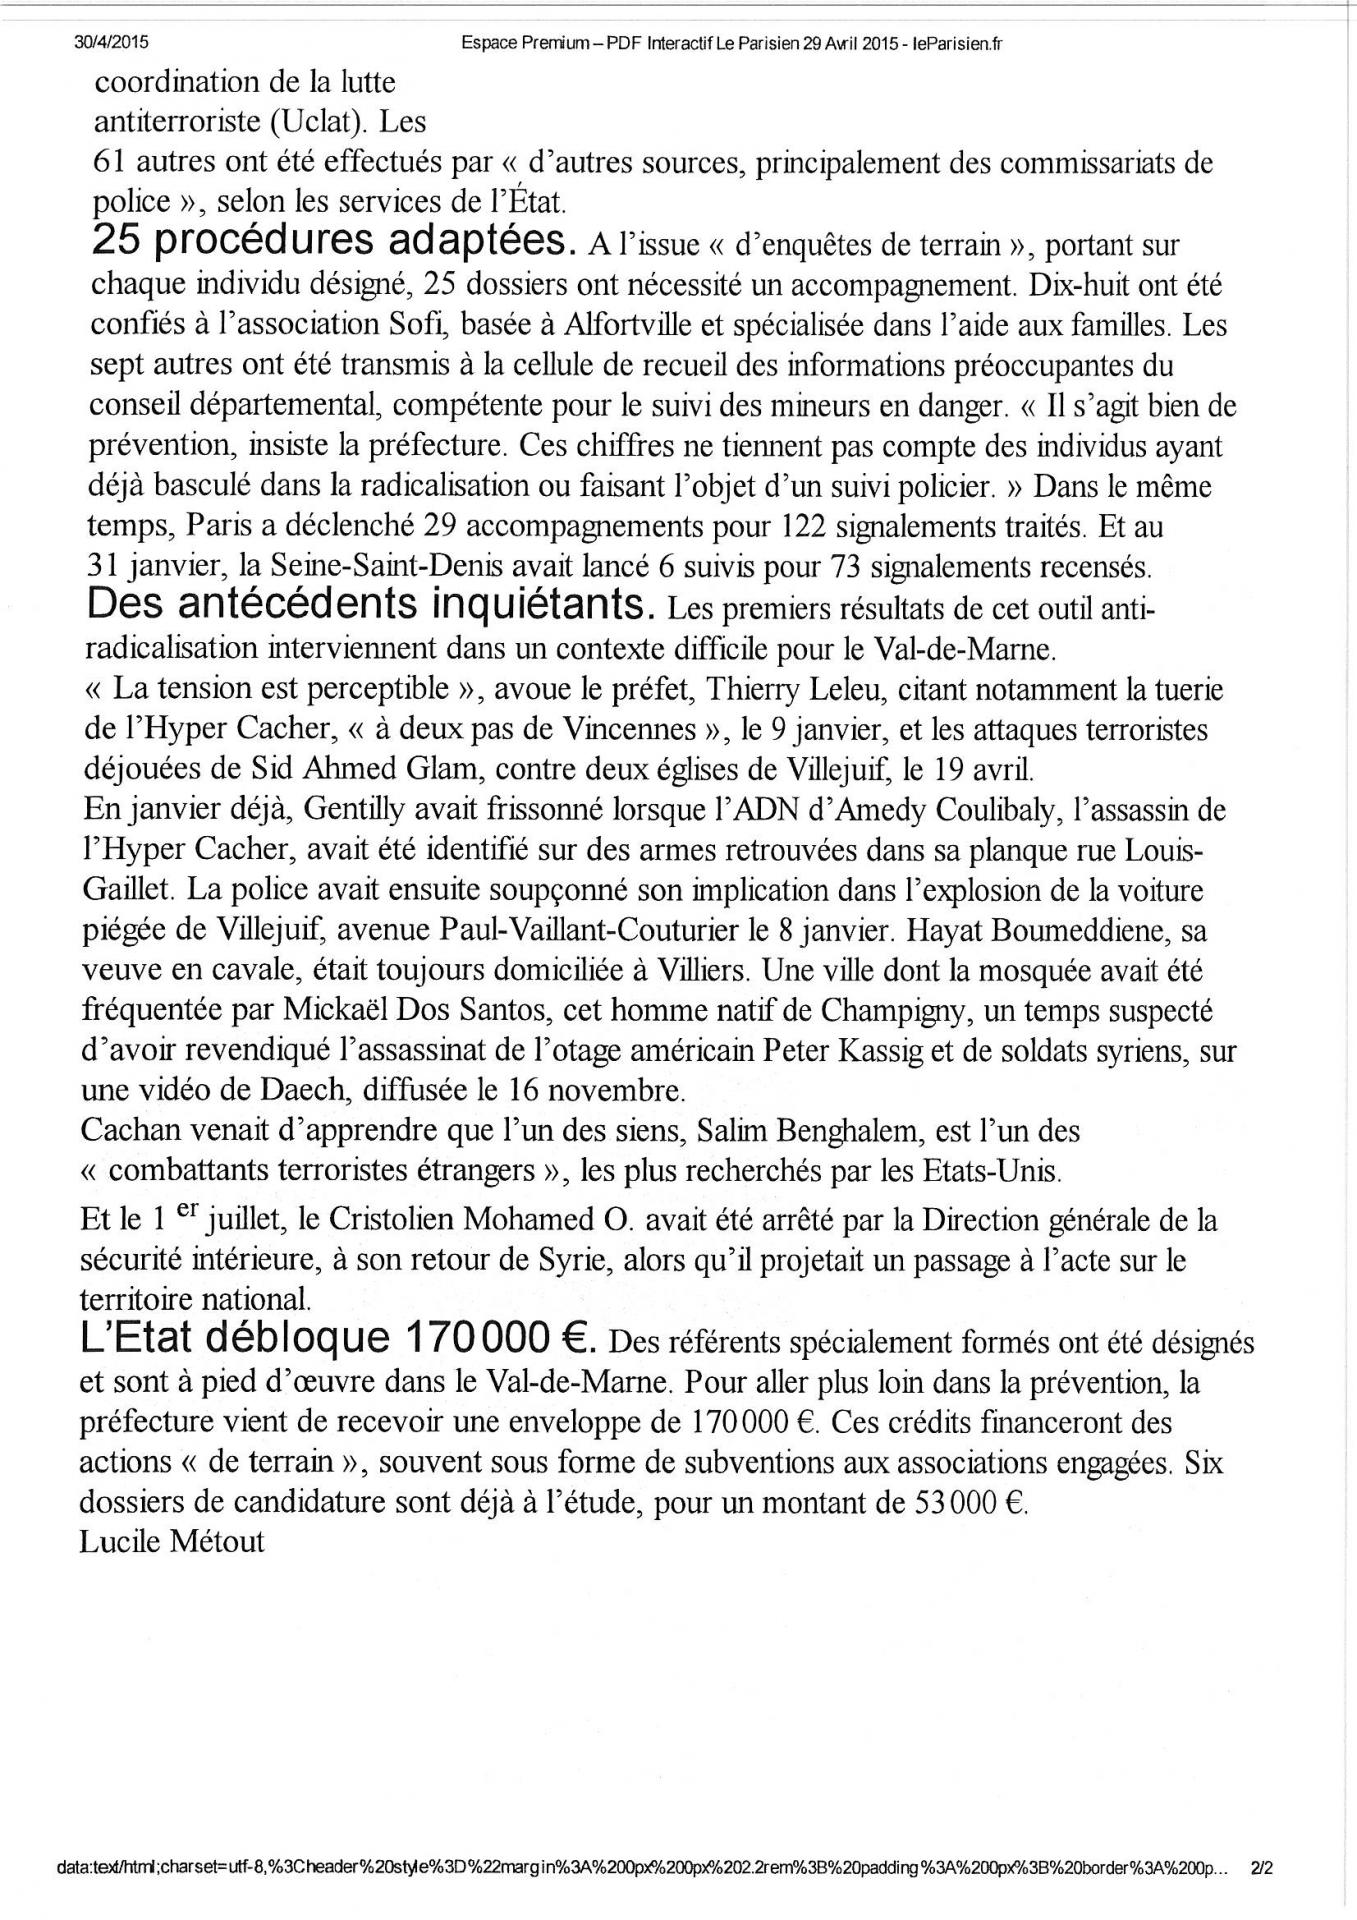 Le parisien 2015 04 29 terrorisme page 6